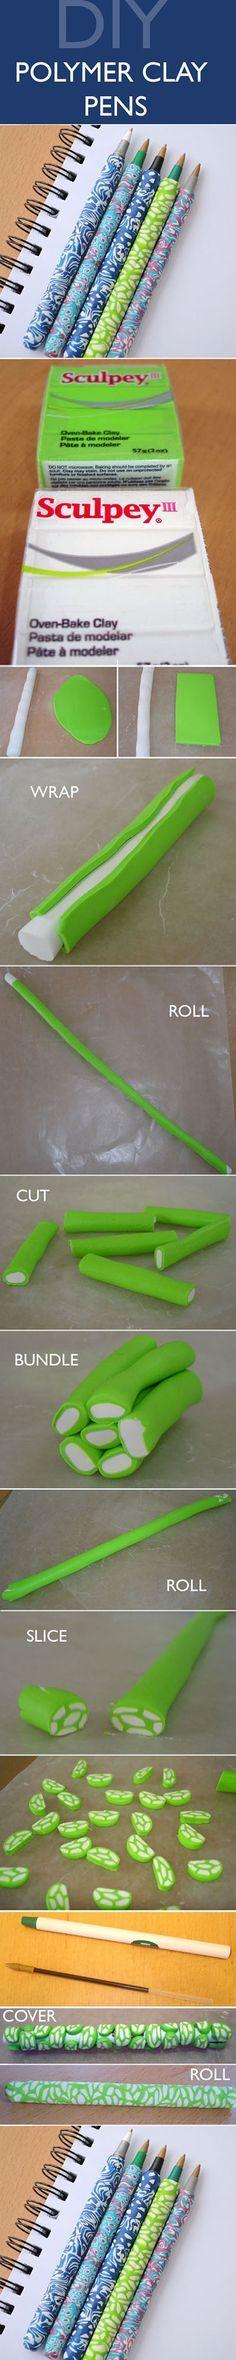 Diy Polymer Clay Pens | DIY & Crafts Tutorials